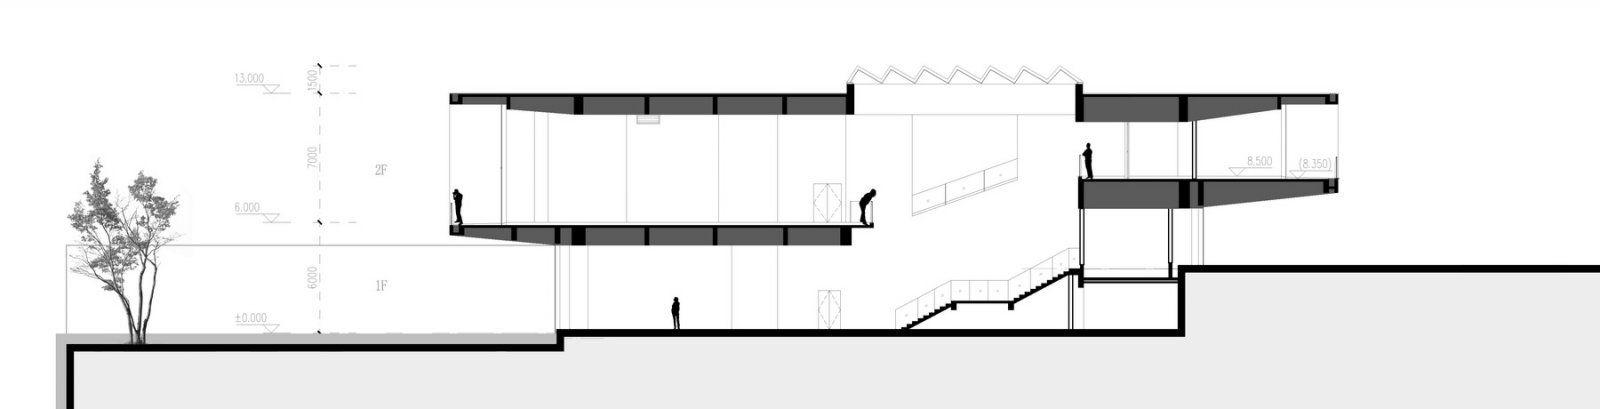 叙事·梧州美的城市展厅 | 共生形态设计|彭征 - 38